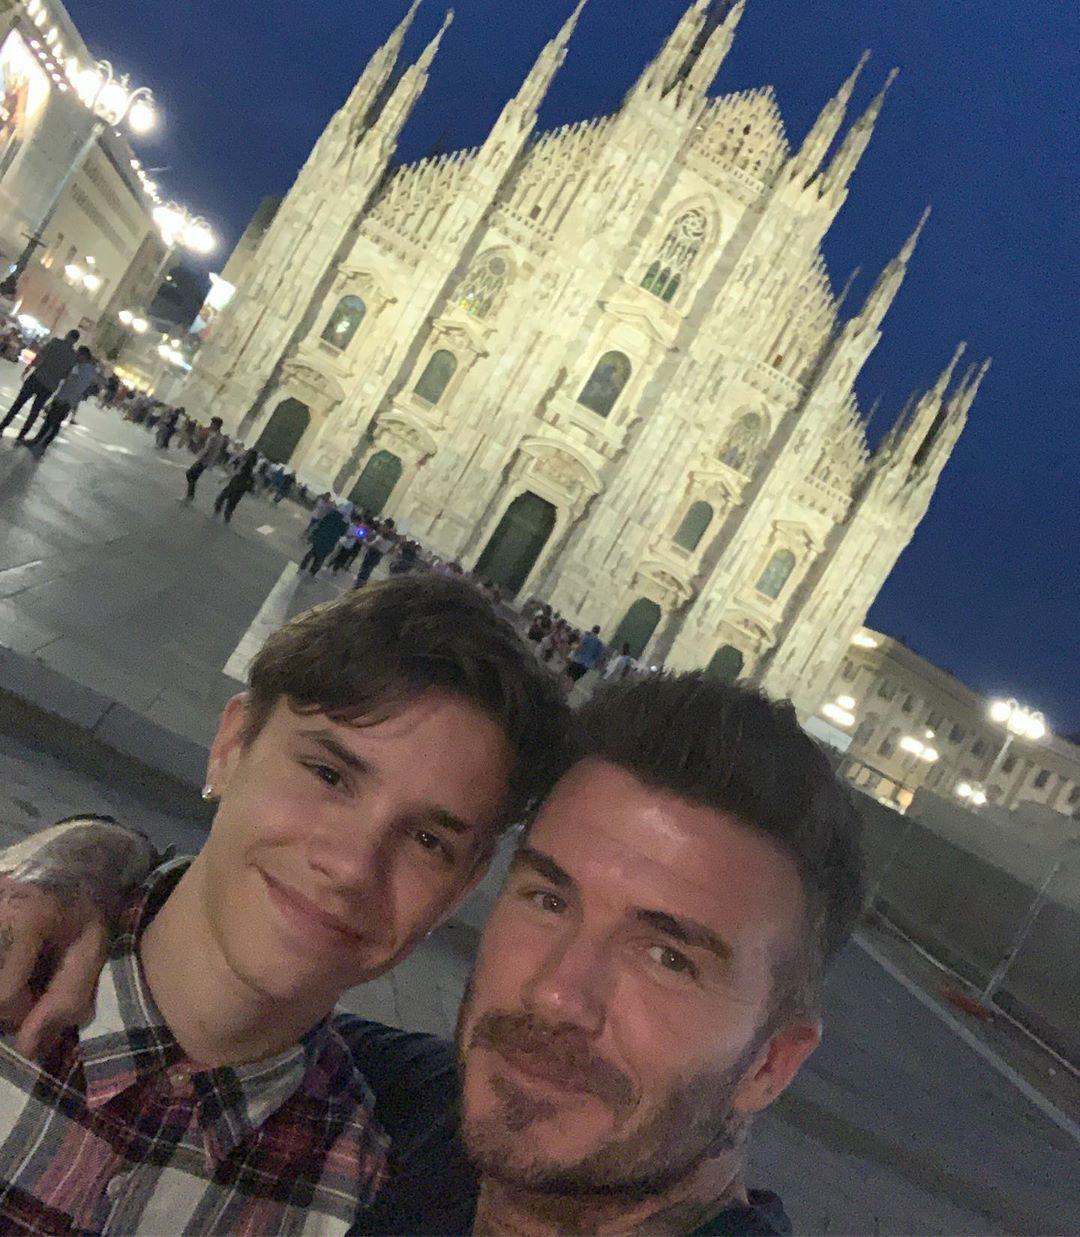 Con trai cả Brooklyn gây thất vọng vì yêu mù quáng, David Beckham chuyển sang o bế cậu hai Romeo Beckham? - Ảnh 4.